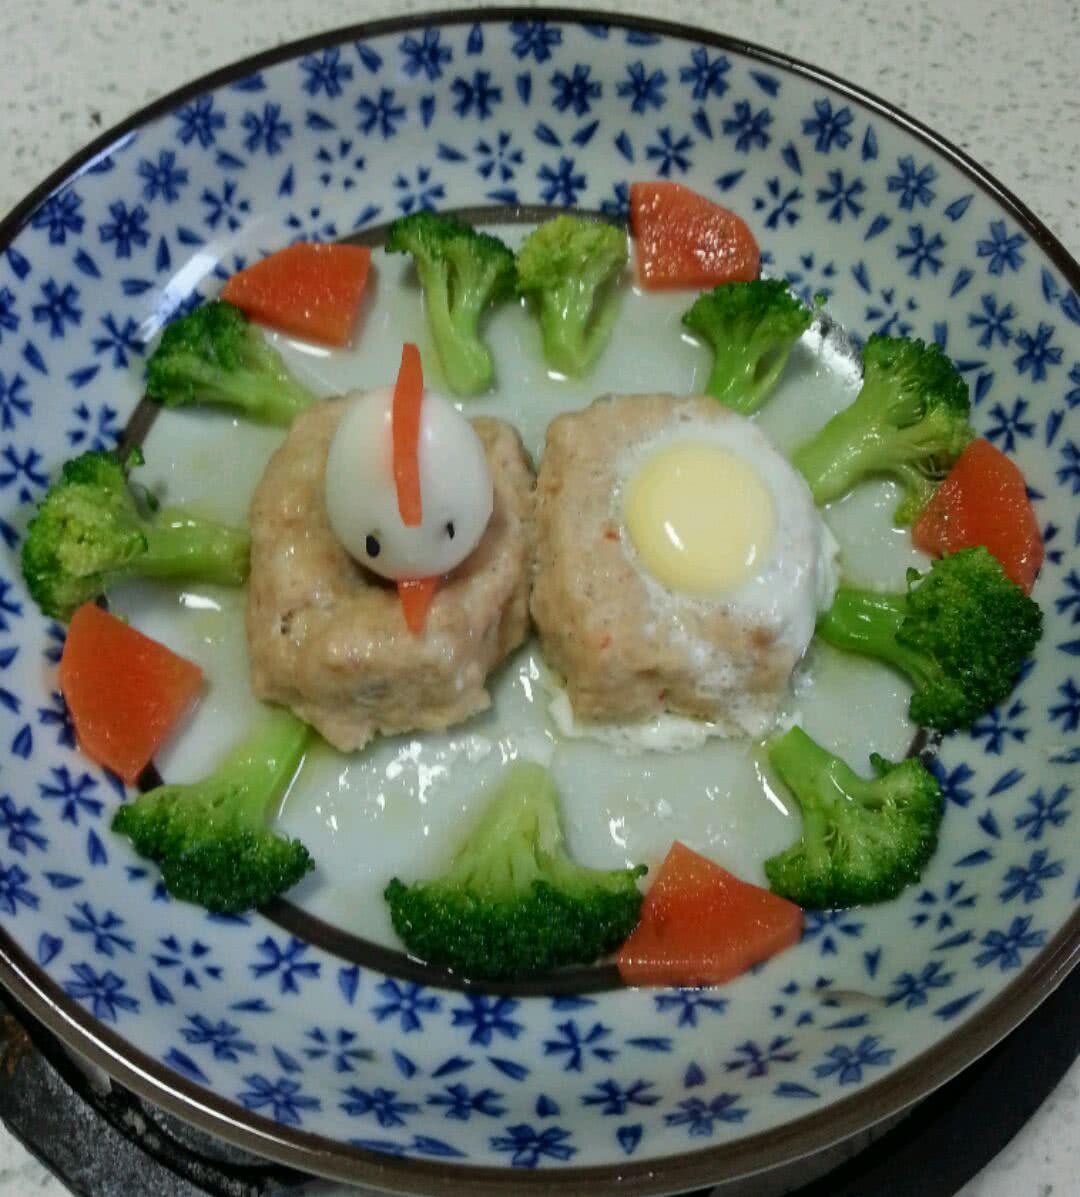 鲜虾鸡茸饼蒸鹌鹑蛋(鸭掌食谱)藤椒做法宝宝图片